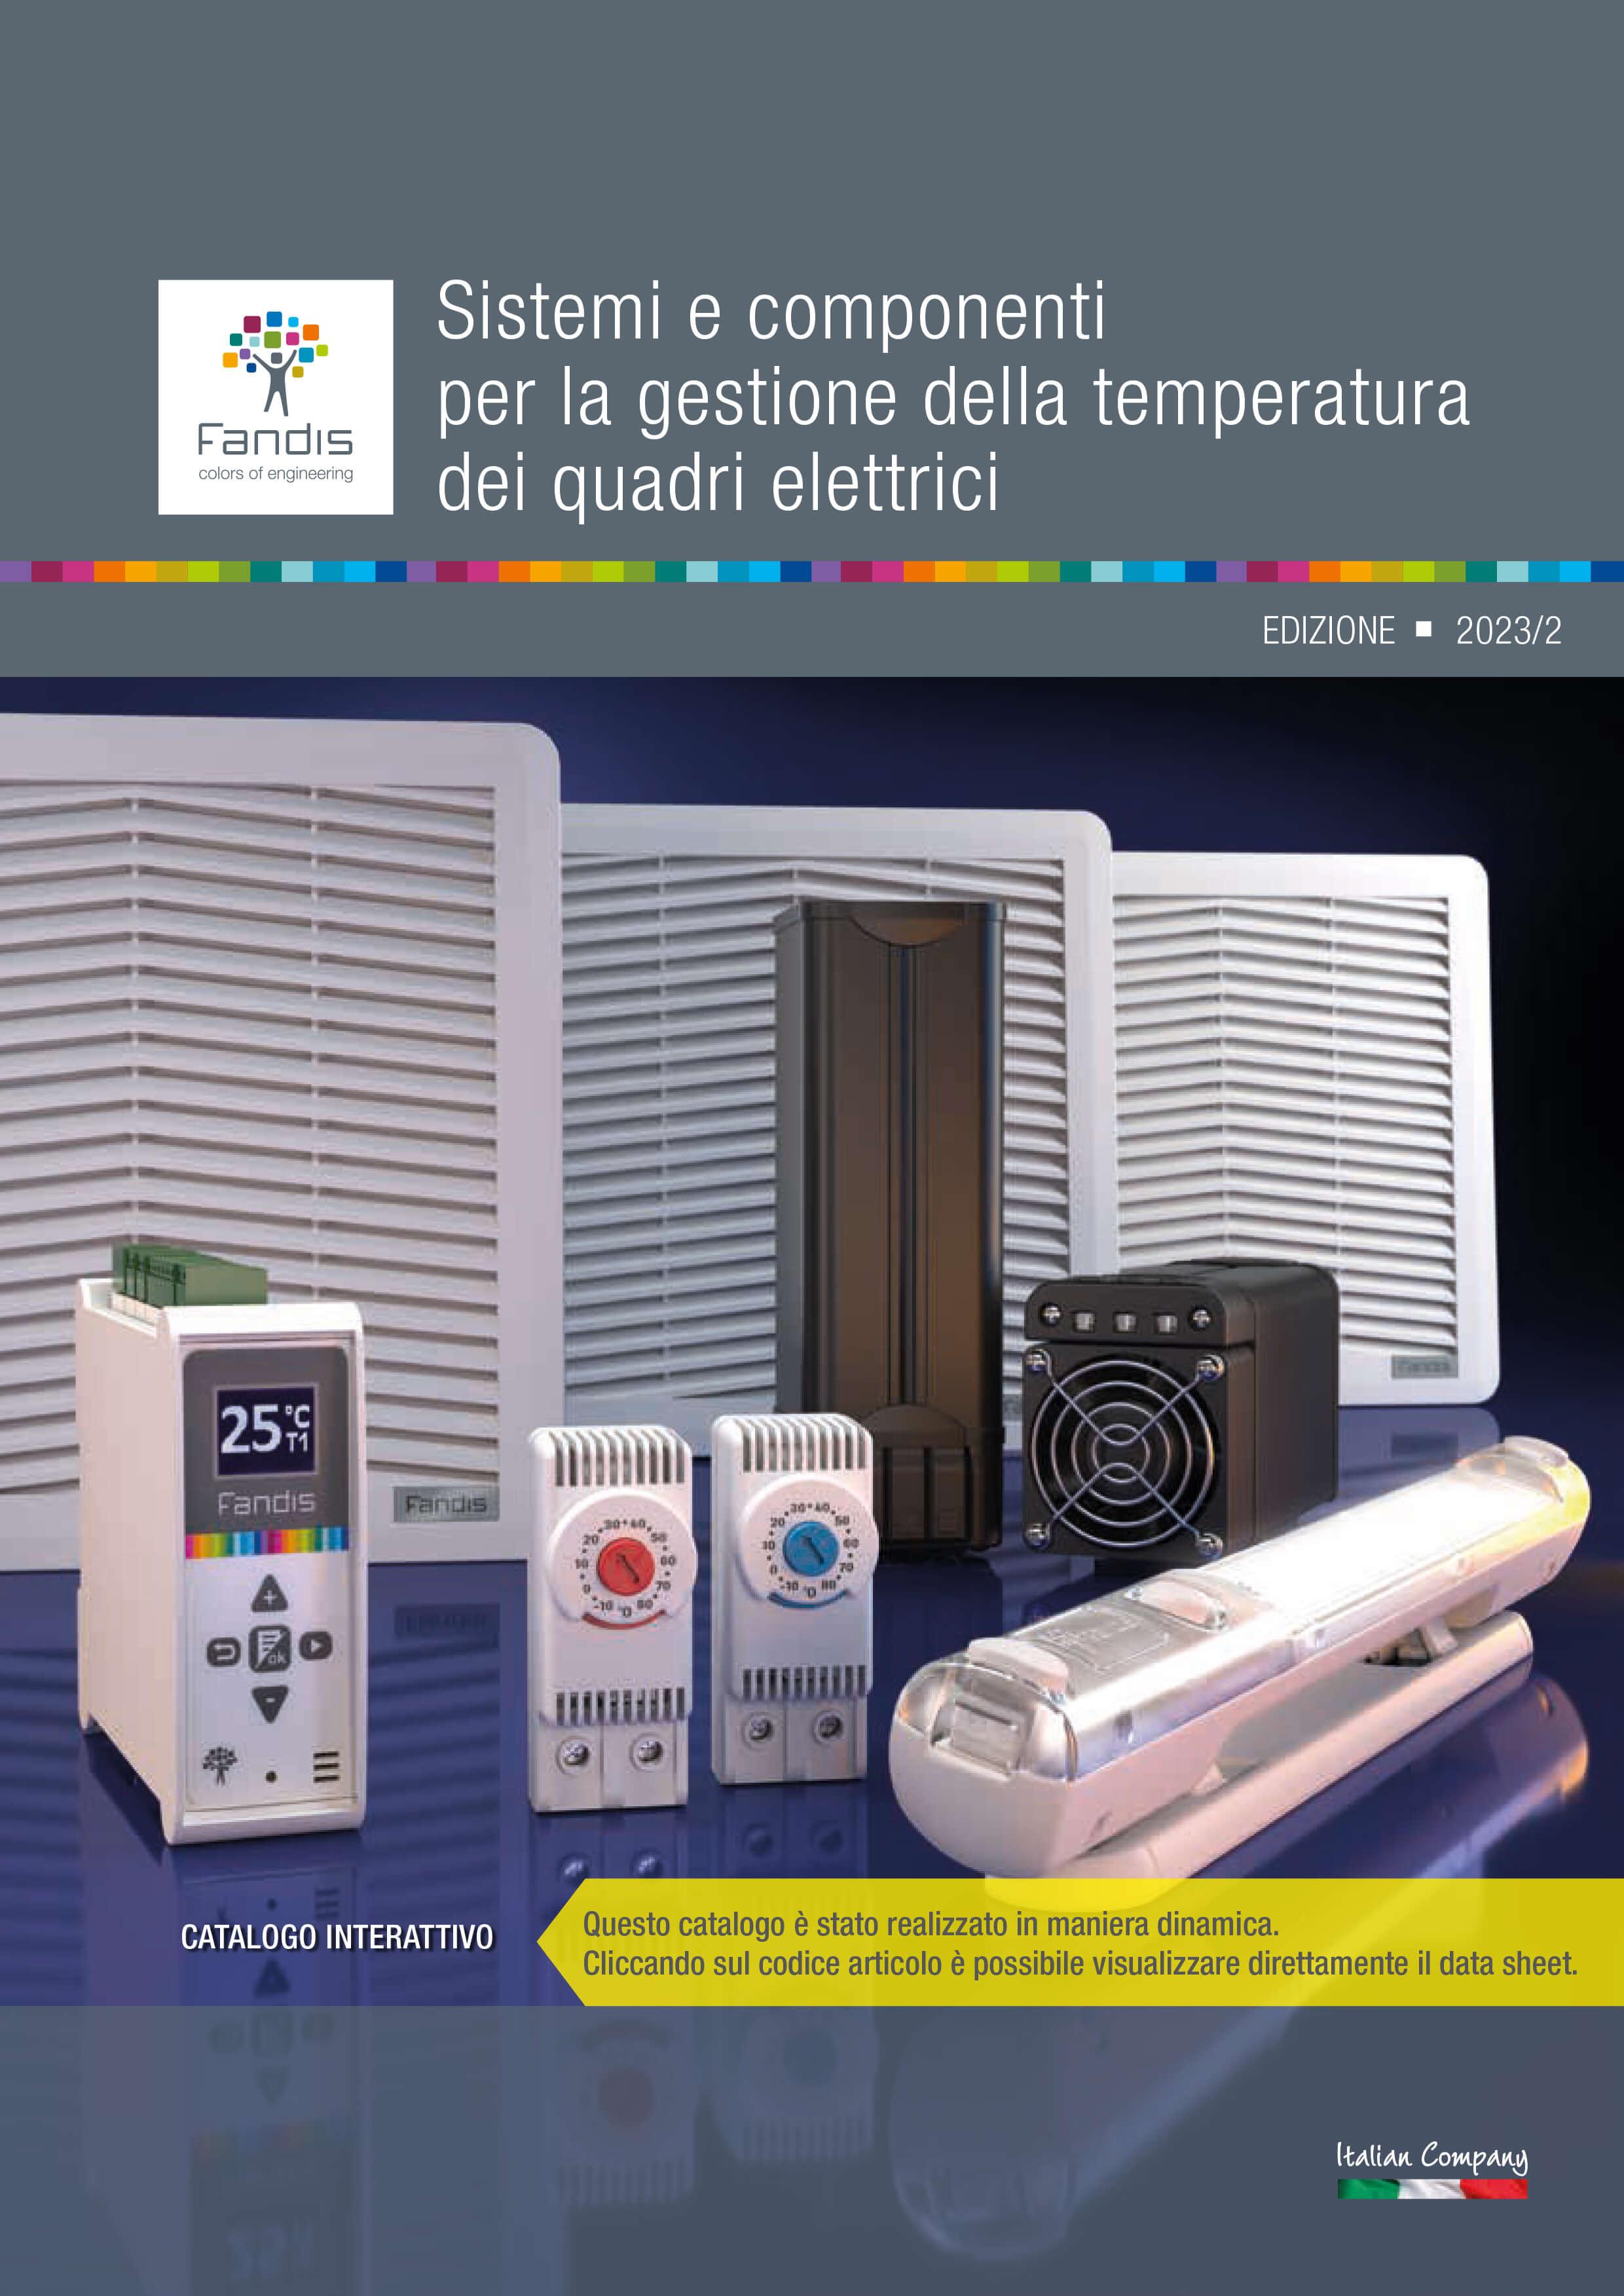 010 Catalogo interattivo Thermal A&E